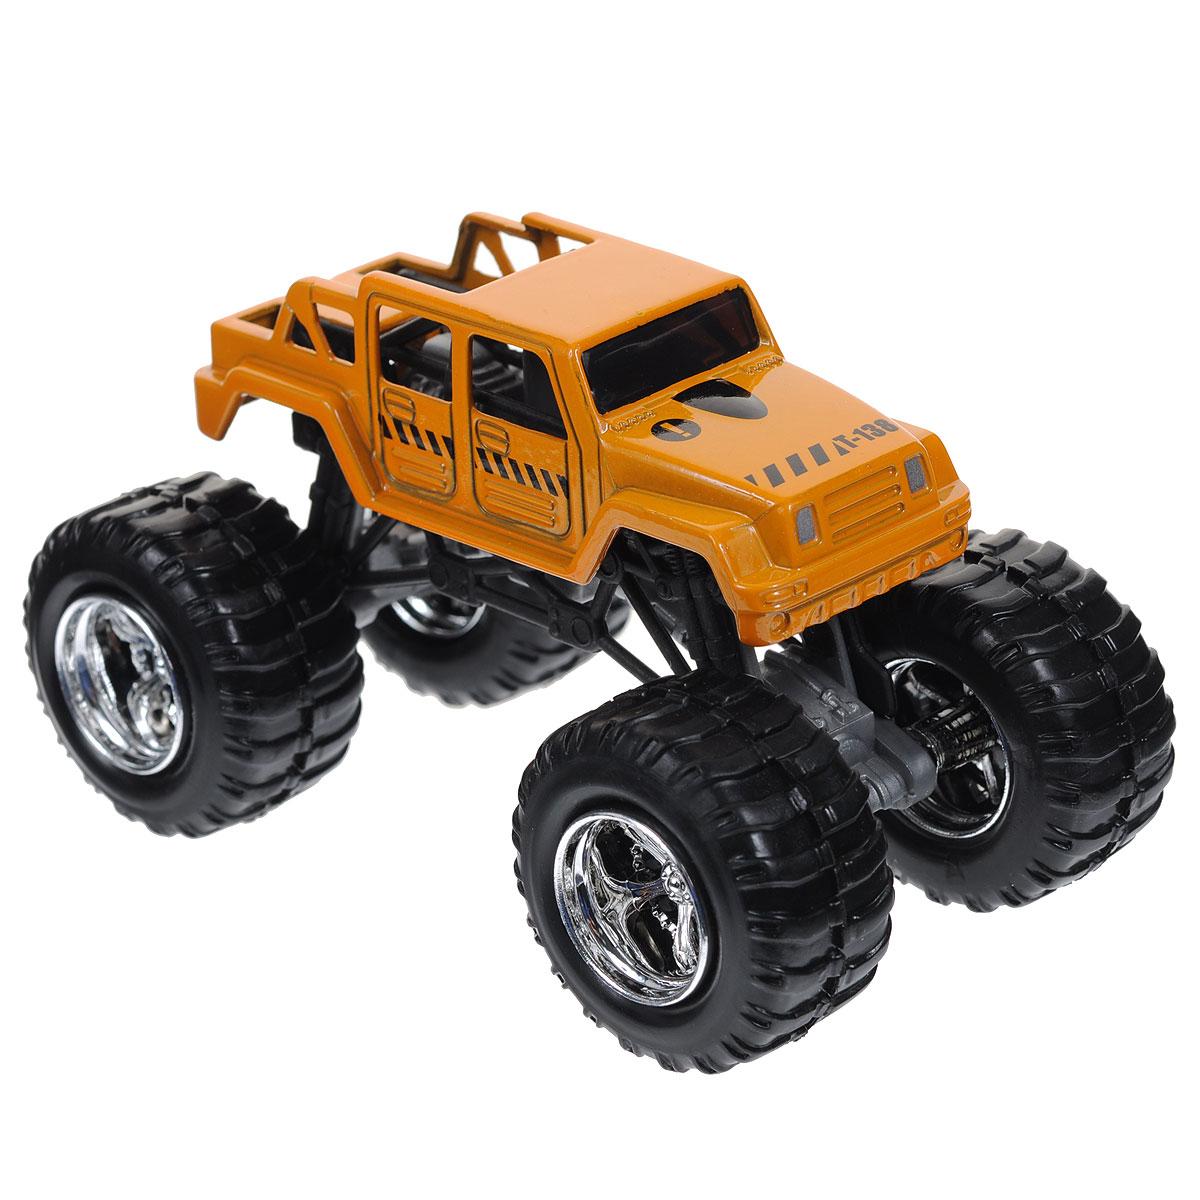 Купить Машинка MotorMax Багги , цвет: оранжевый, MOTORMAX TOY FACTORY, Машинки